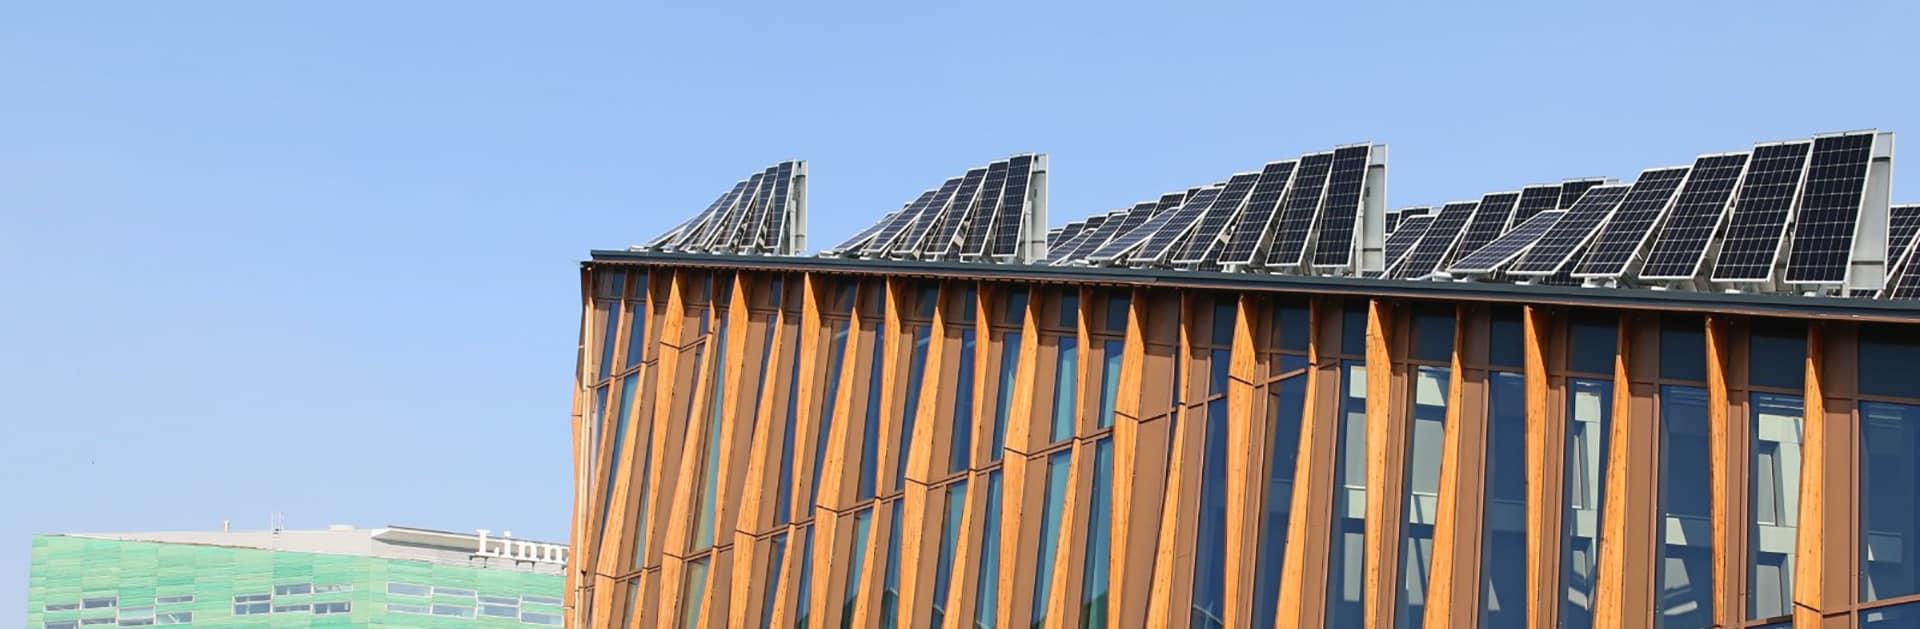 Duurzaam bouwen met een gezonde omgeving voor gebruikers